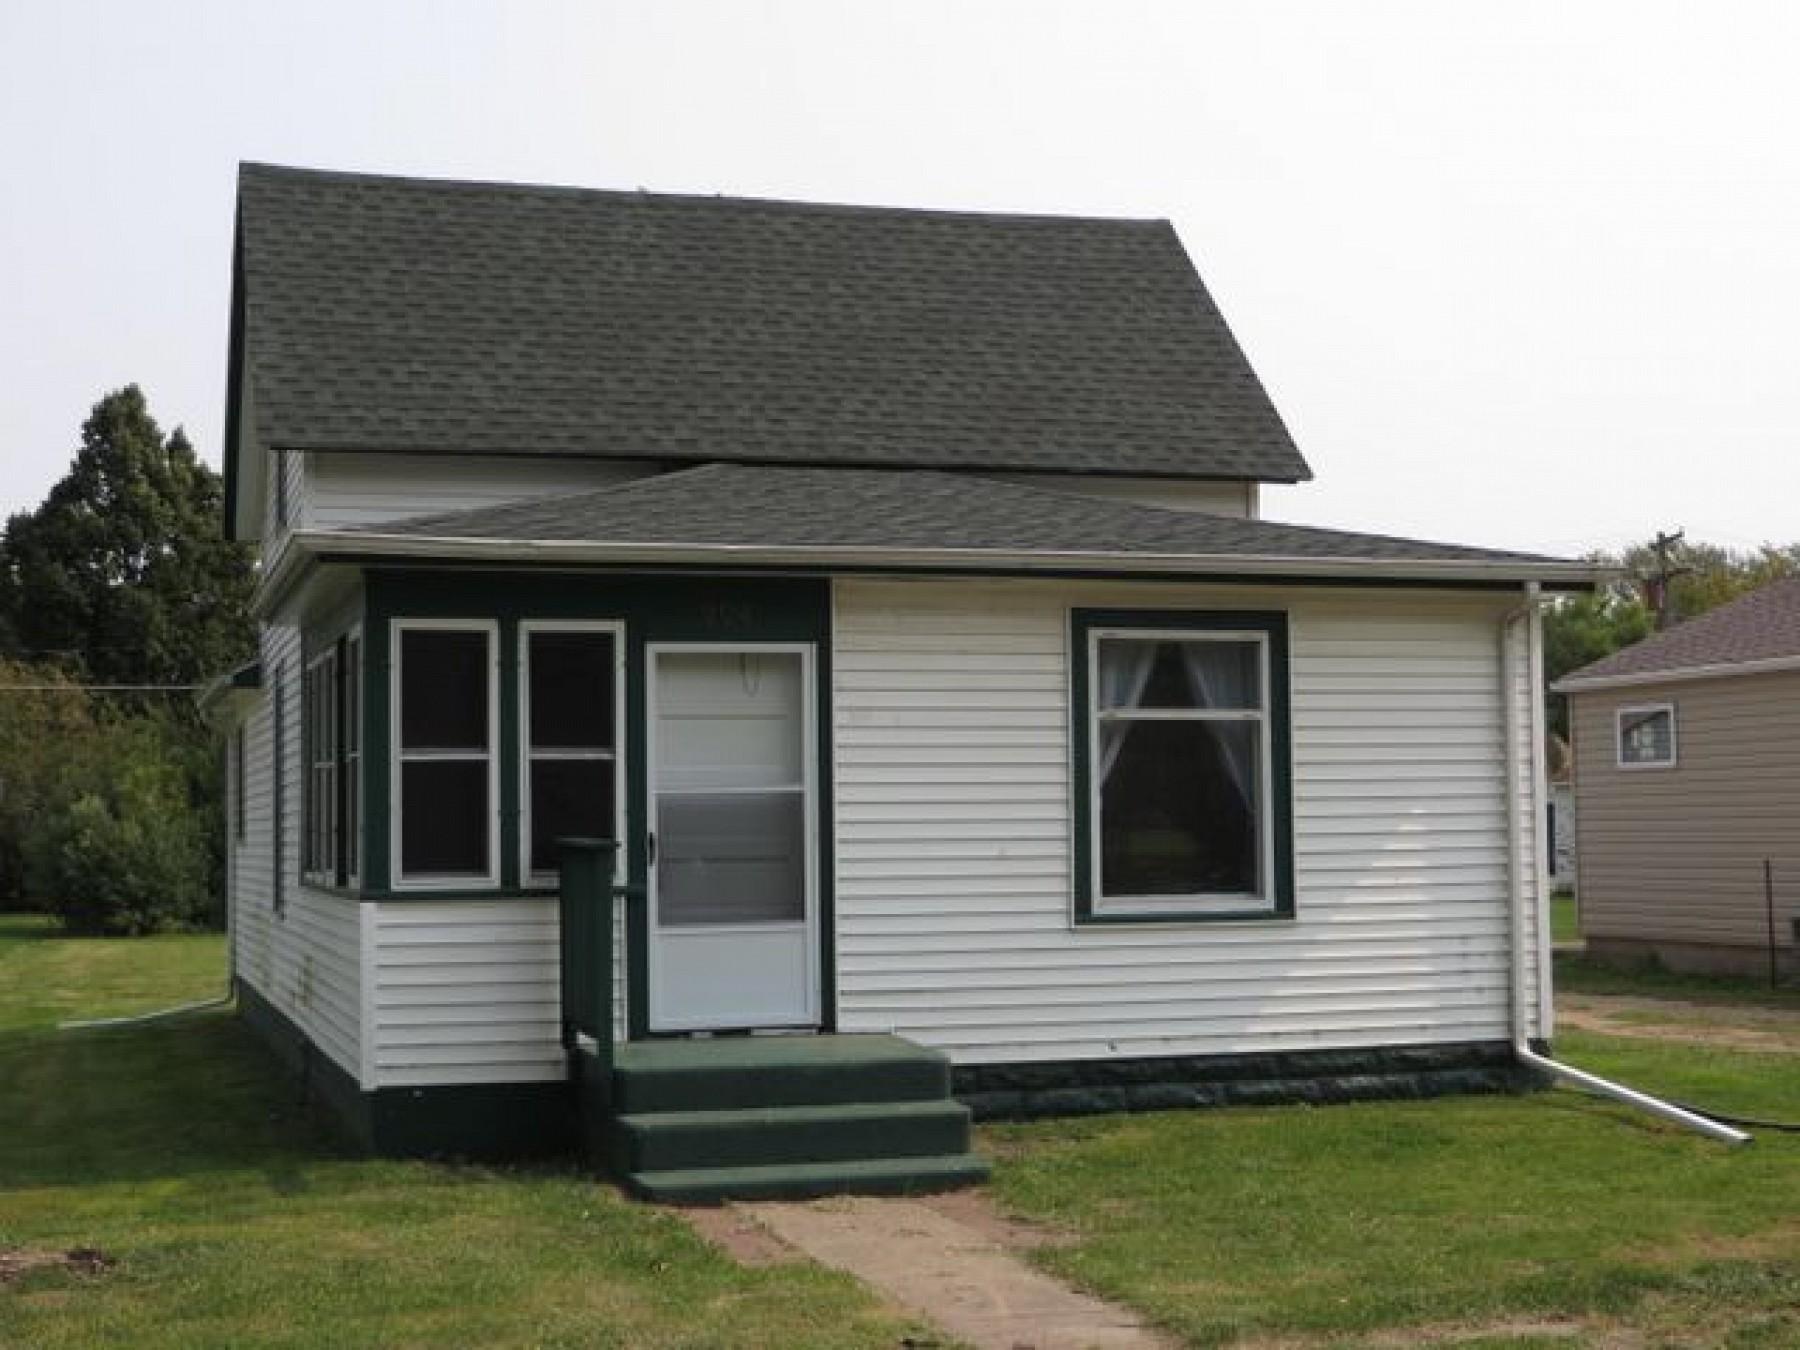 204 LakeAvenueS, Lake Preston, SD 57249